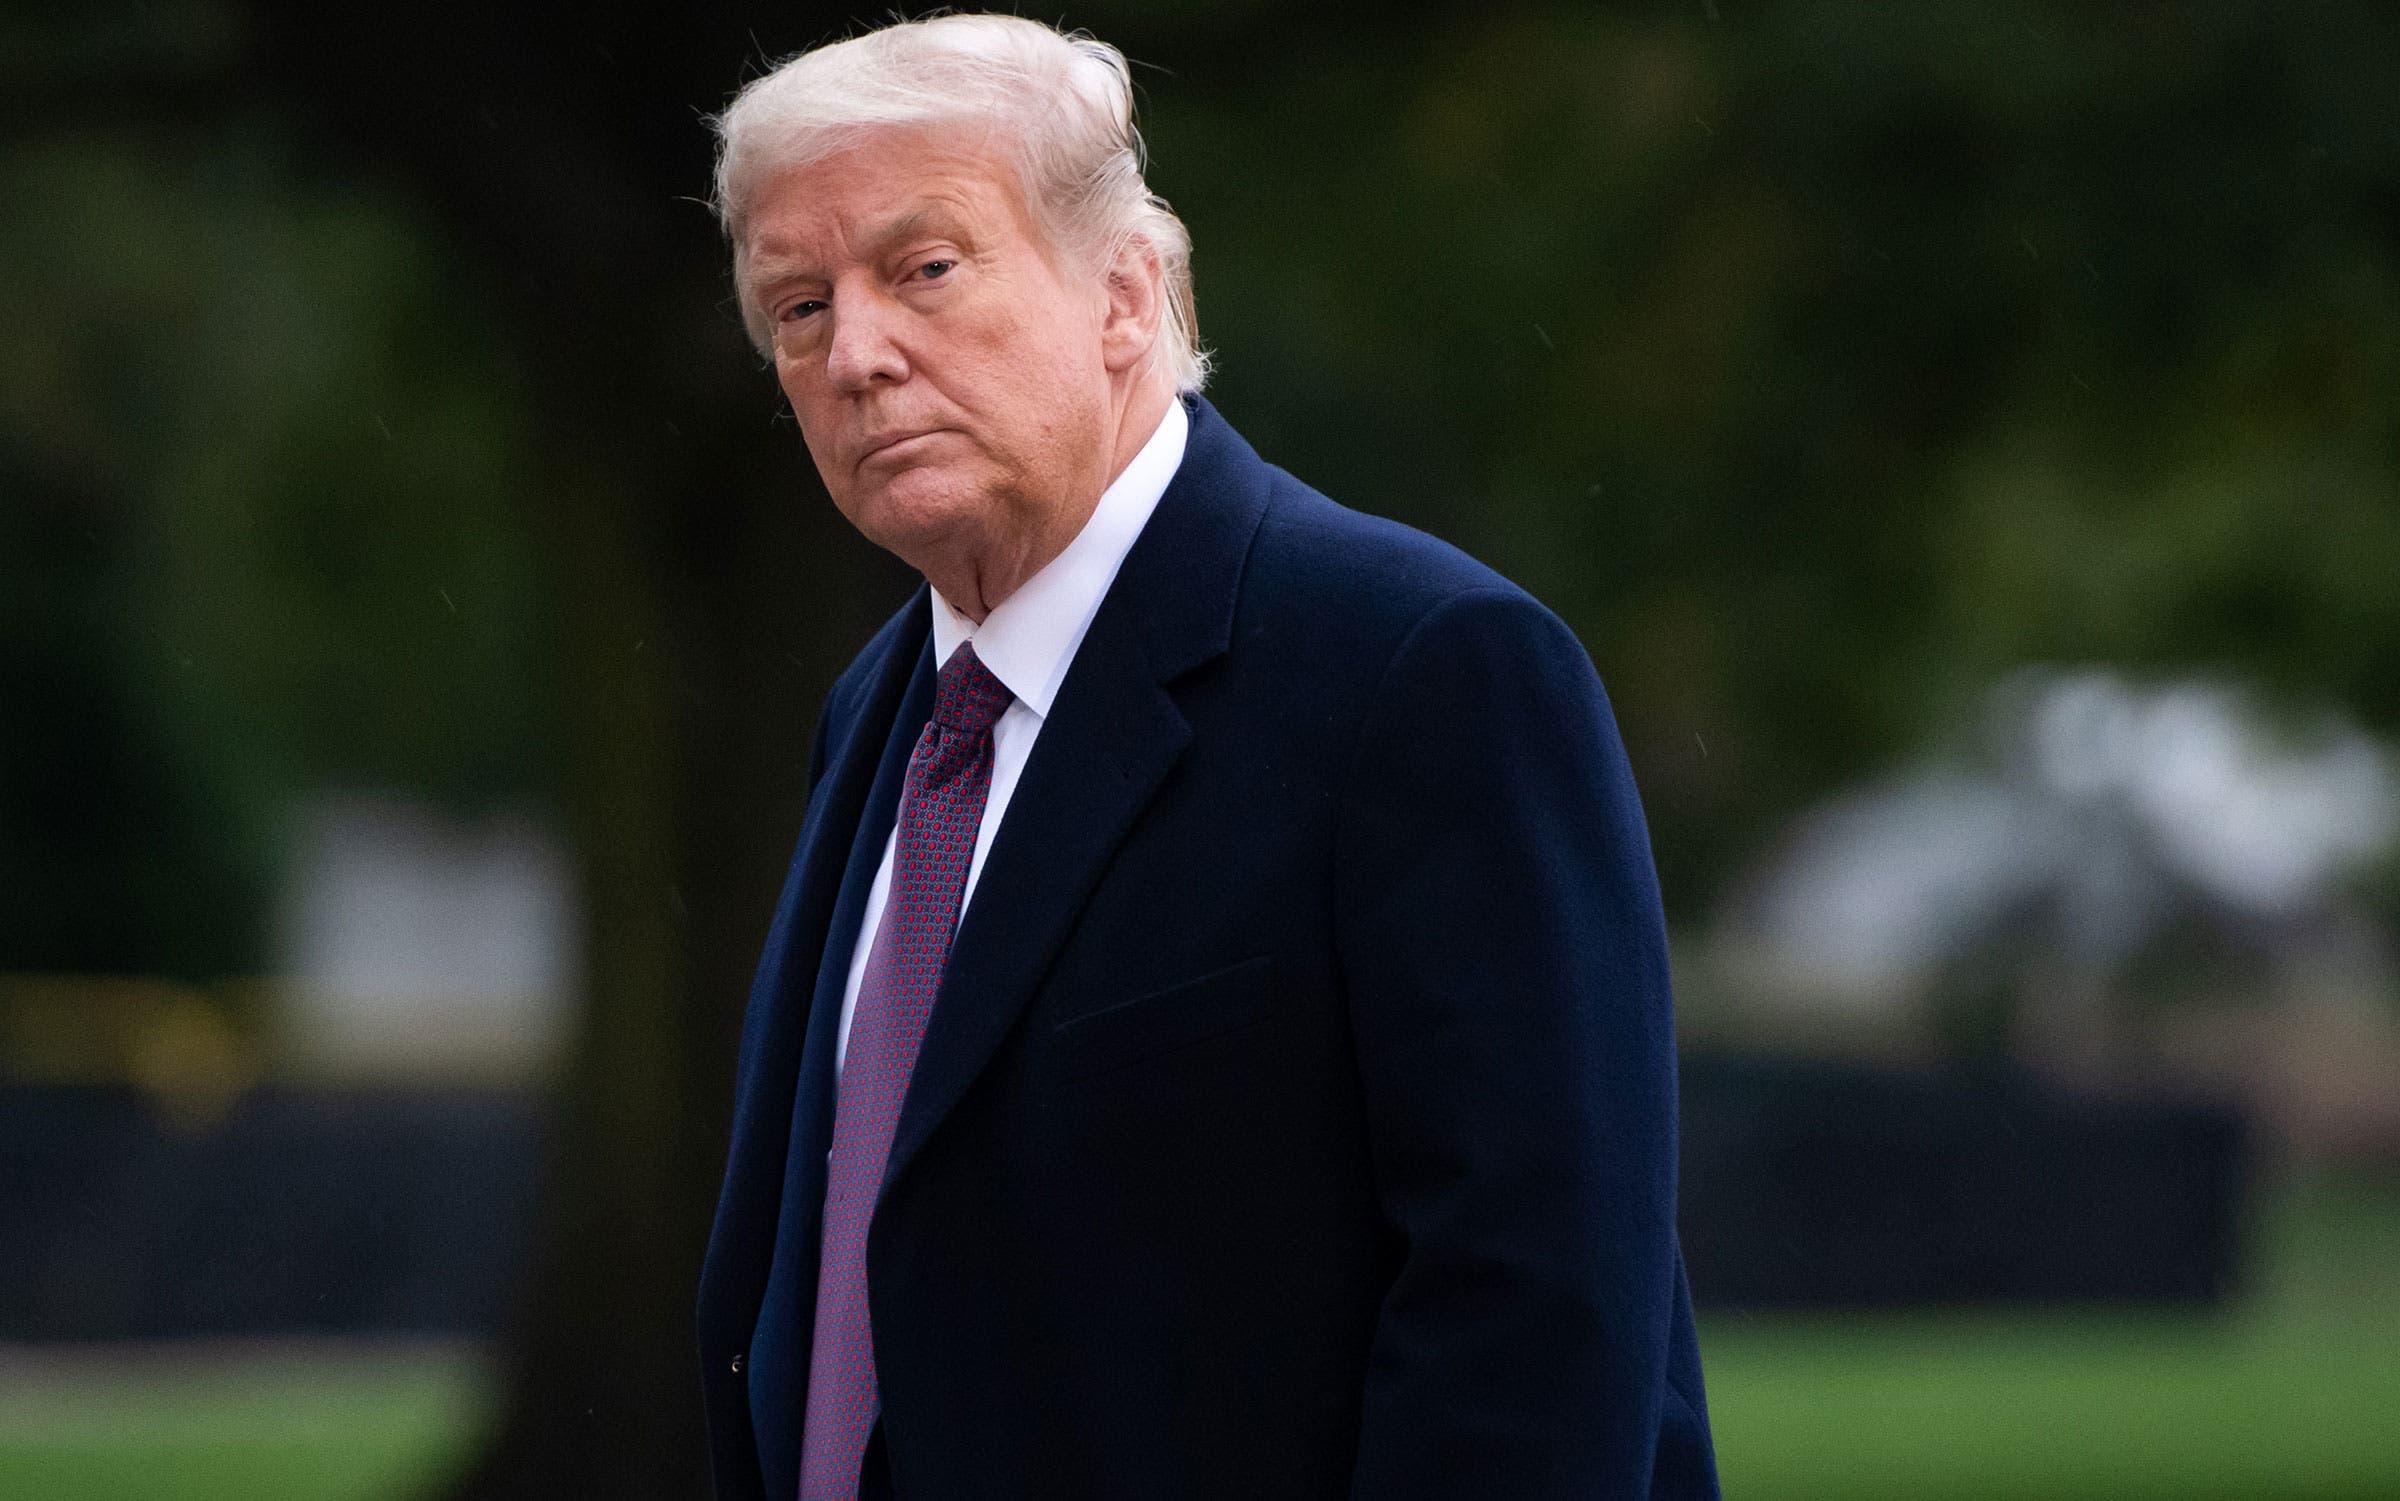 Daawo: Trump oo qaaday tallaabo lama filaan ah iyo xaaladiisa oo laga deyriyey